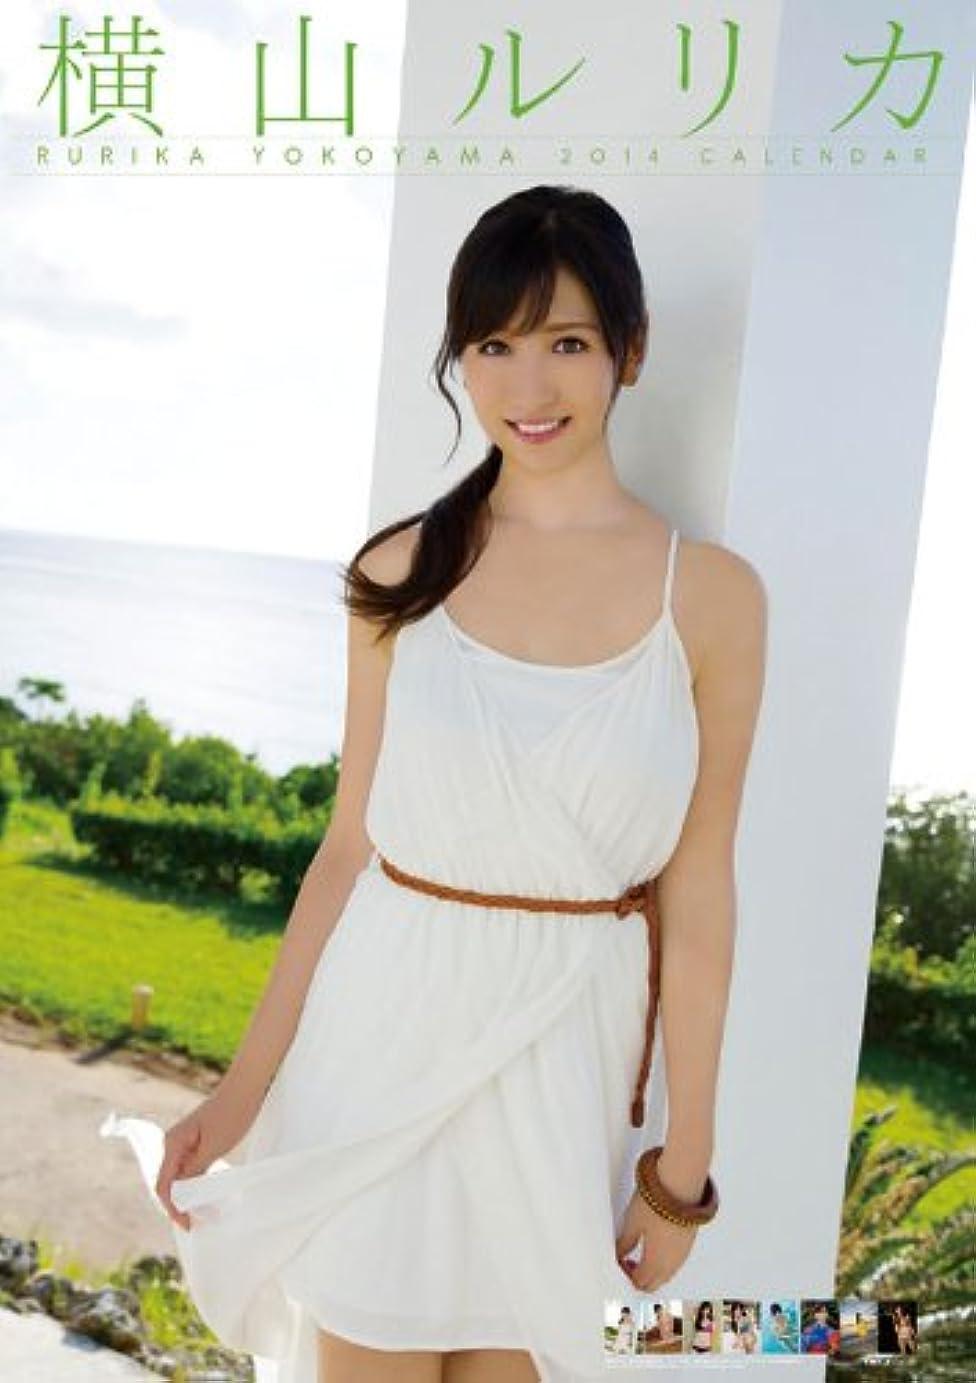 例差別市場横山ルリカ(アイドリング!!!) 2014カレンダー